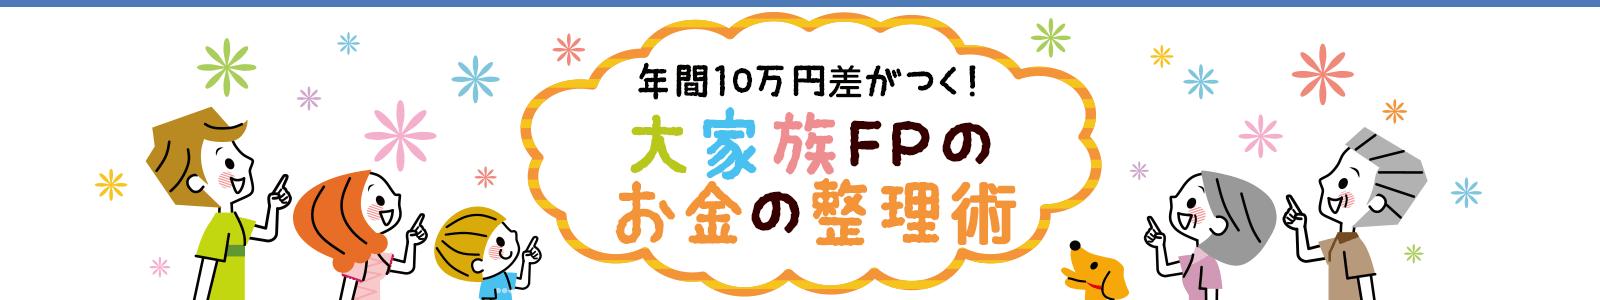 年間10万円差がつく!大家族FPのお金の整理術